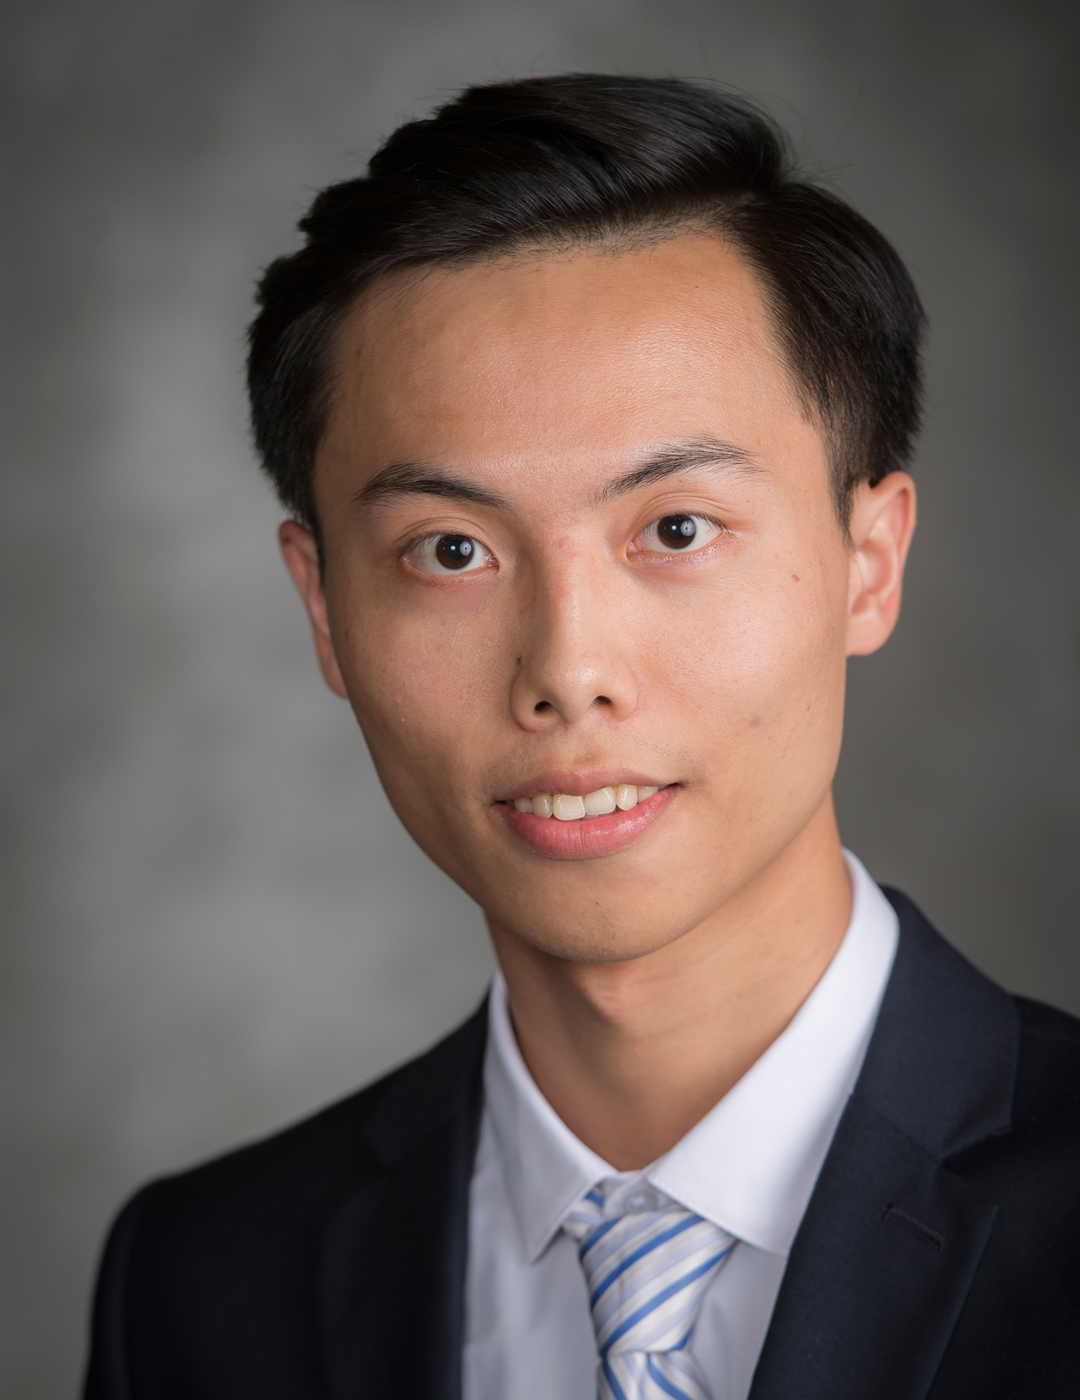 Hendrik (Hongjie) Liu